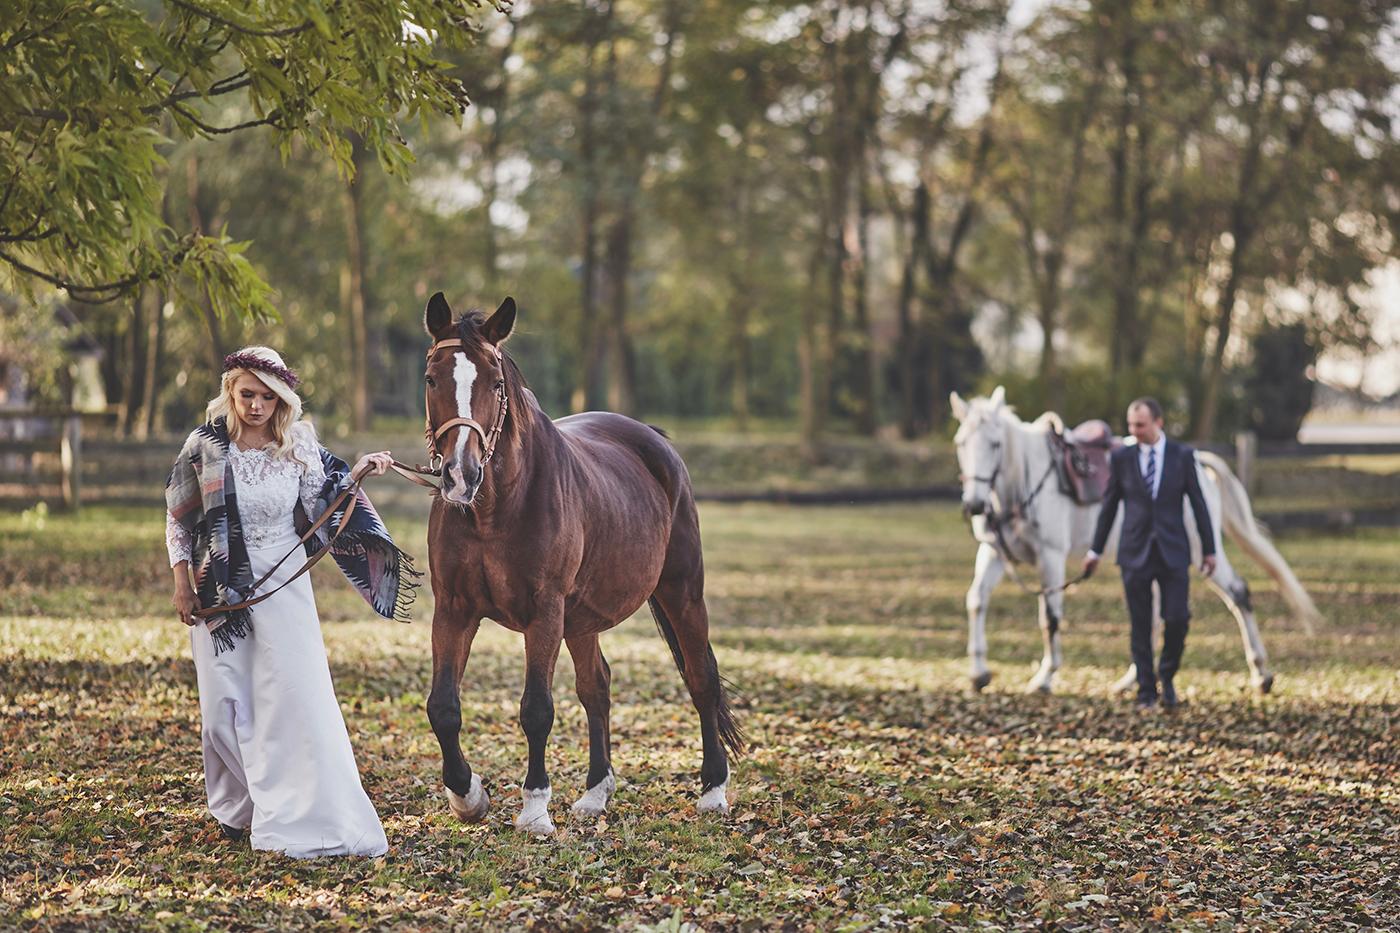 sesja ślubna w stadninie koni opole fotograf ślubny stachowiak